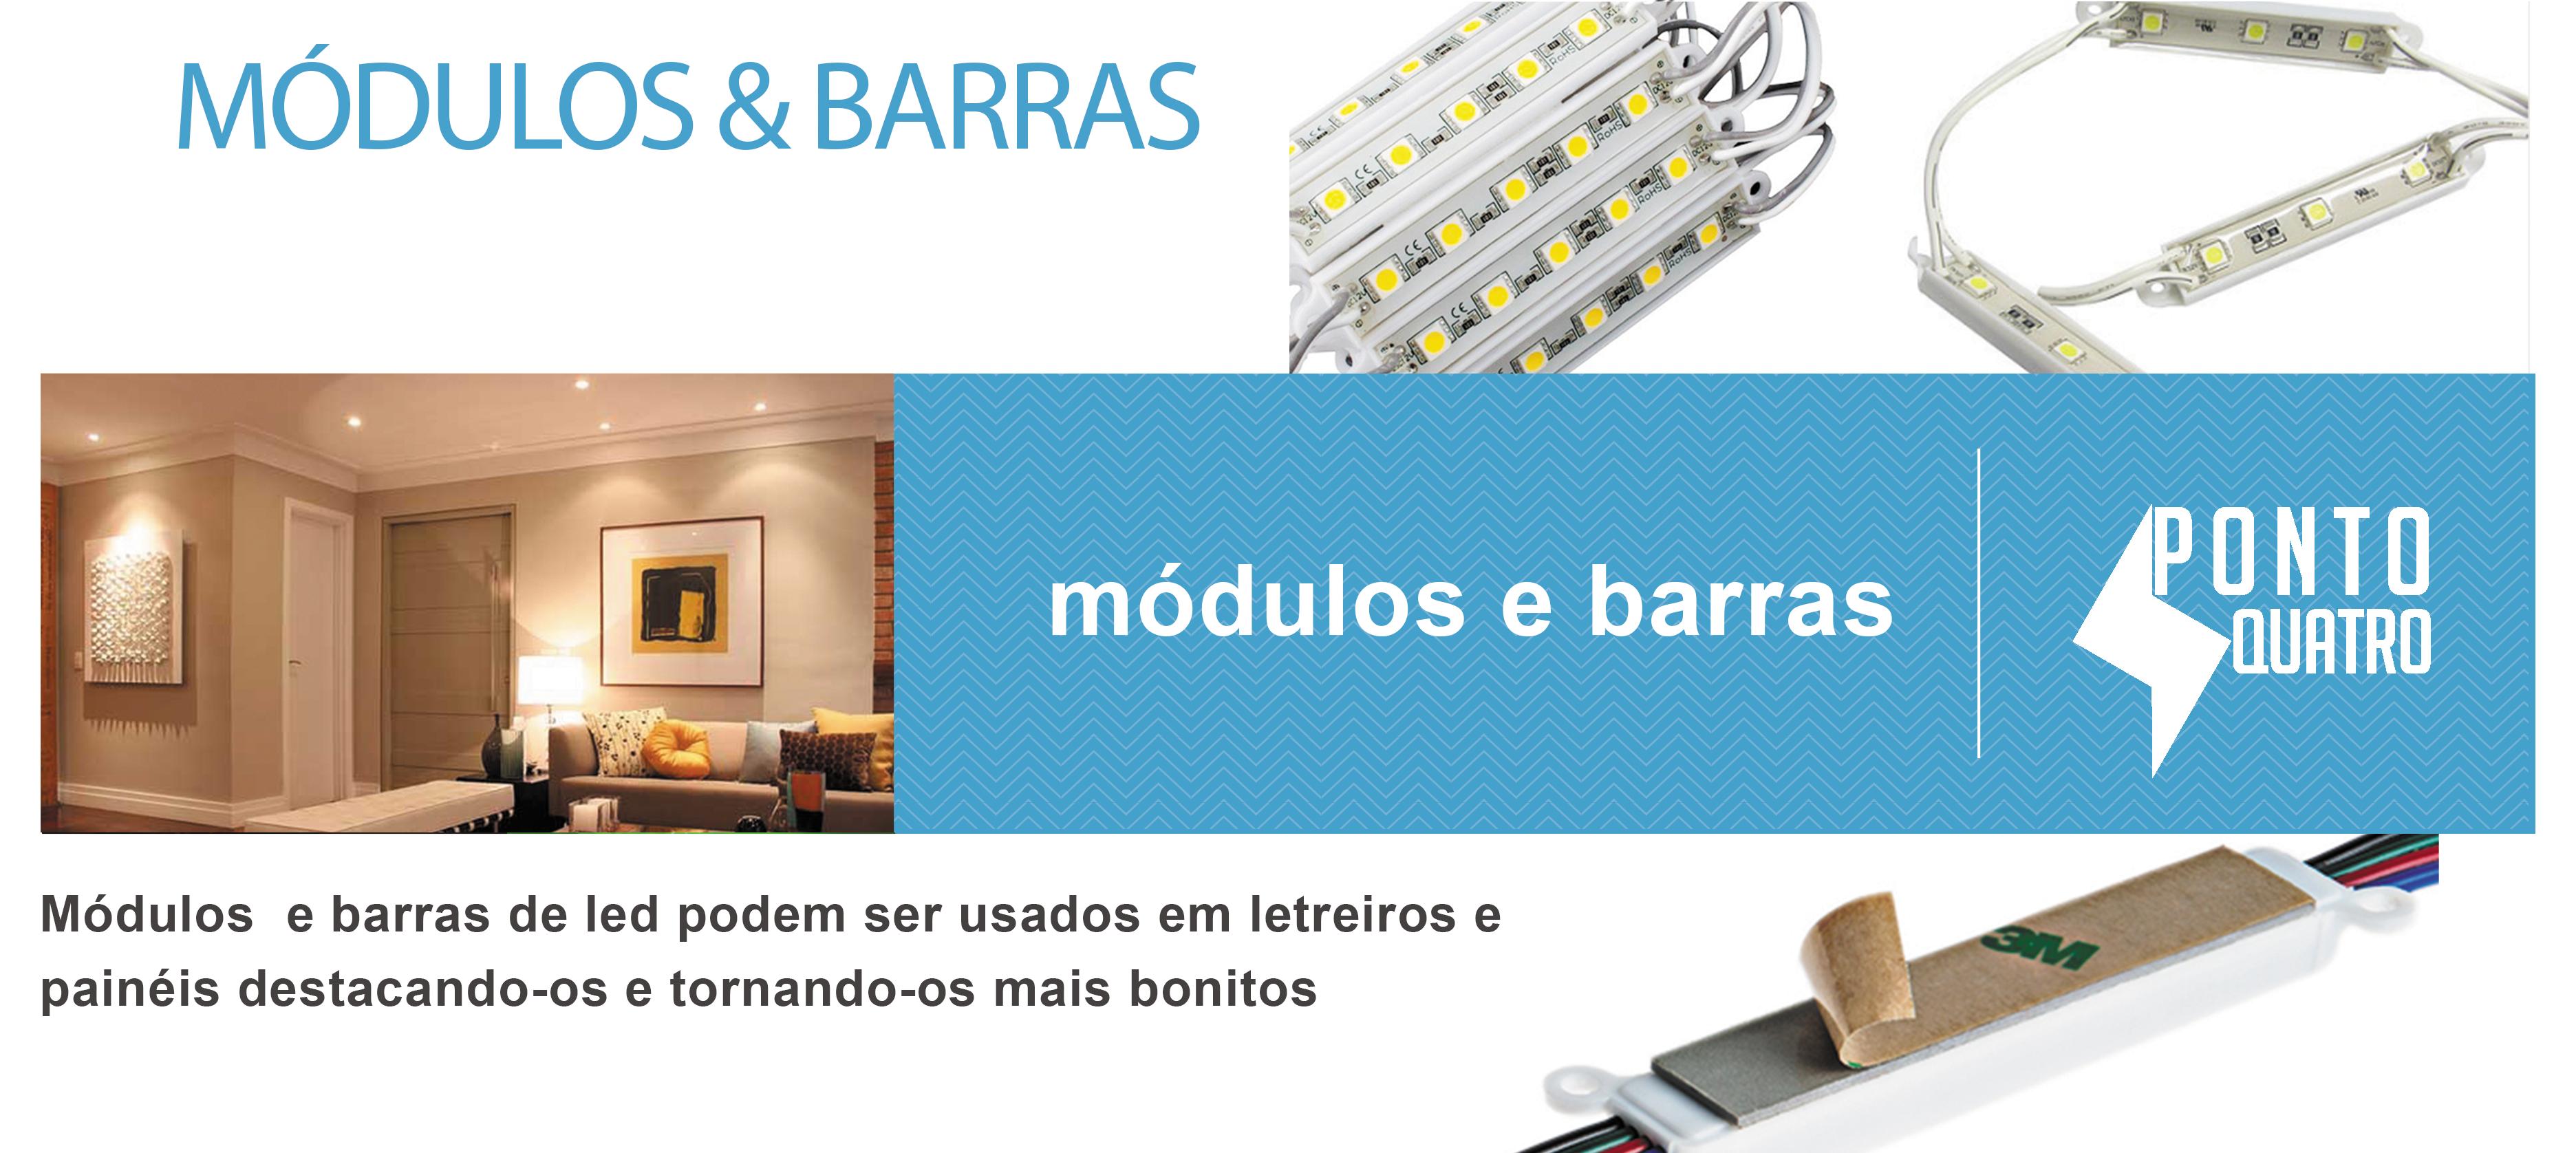 Módulos & Barras